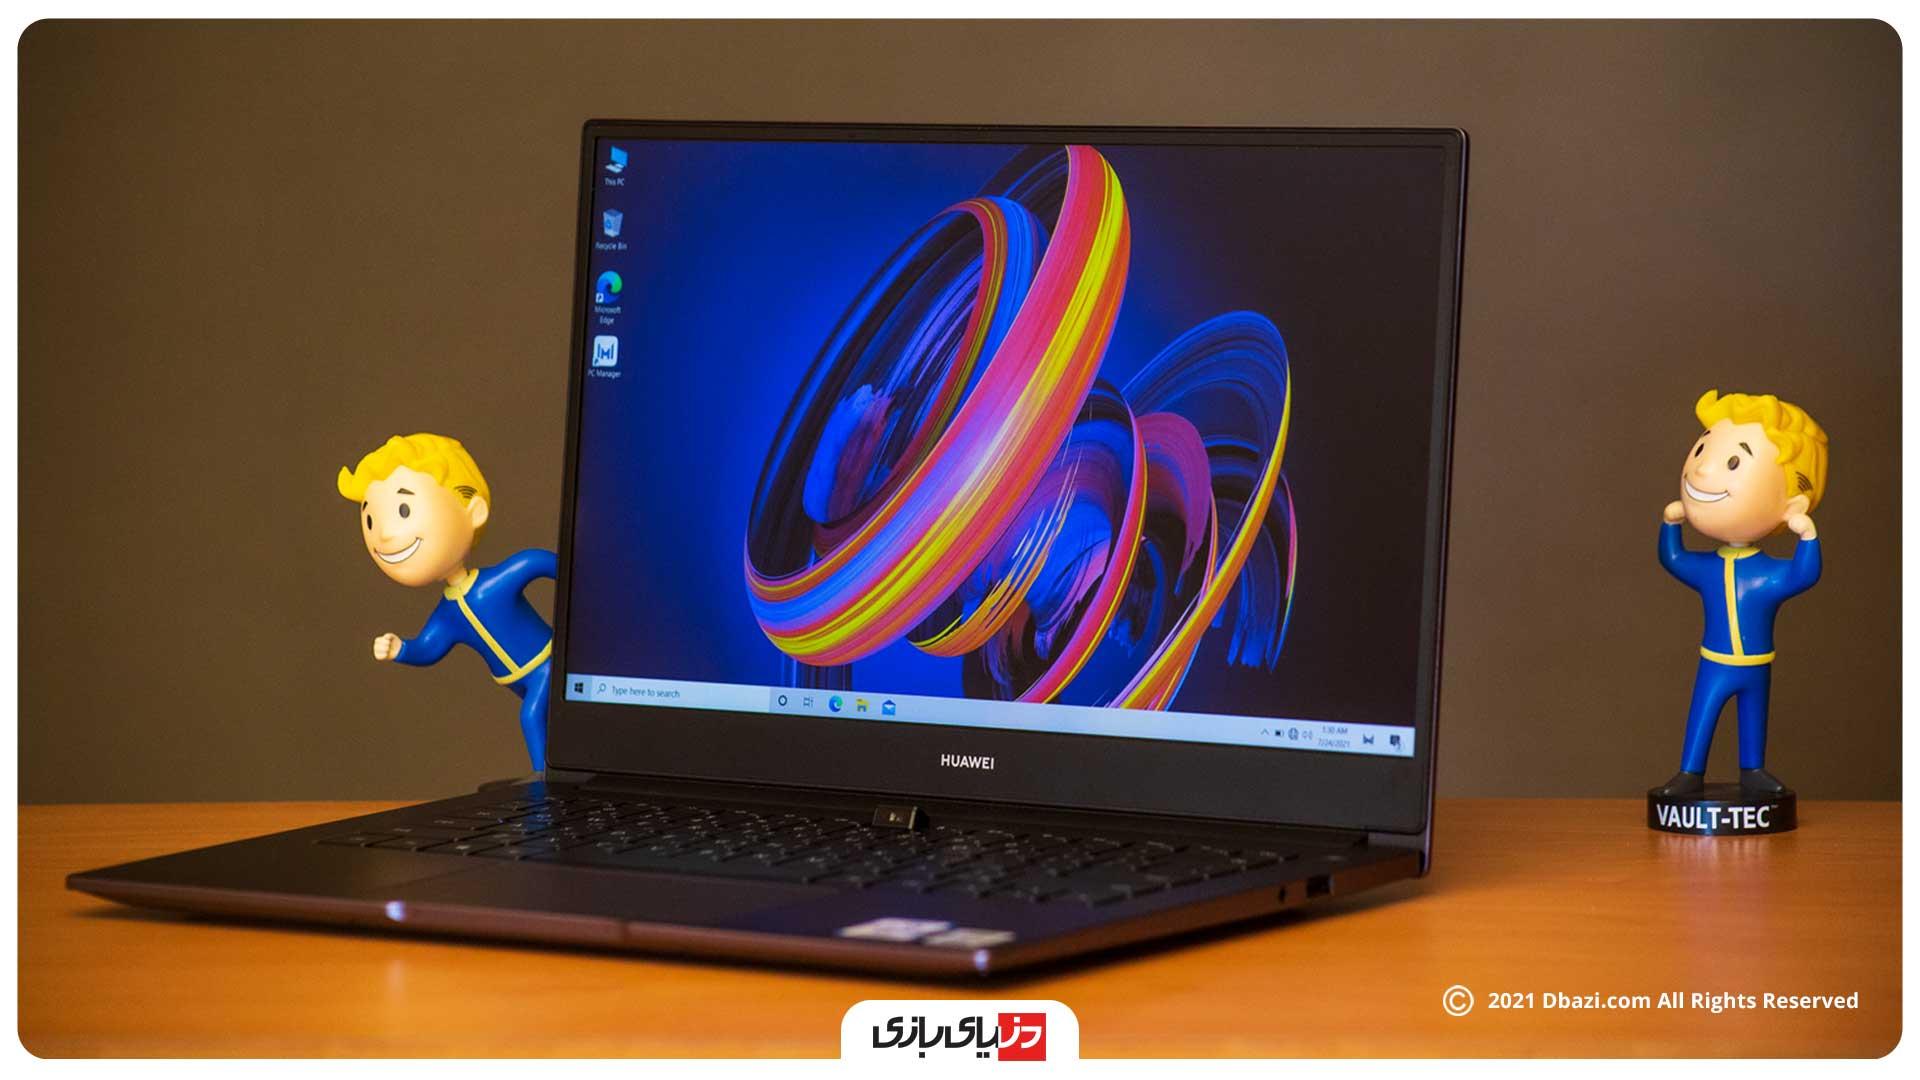 نقد لپ تاپ هواوی Huawei Matebook D14